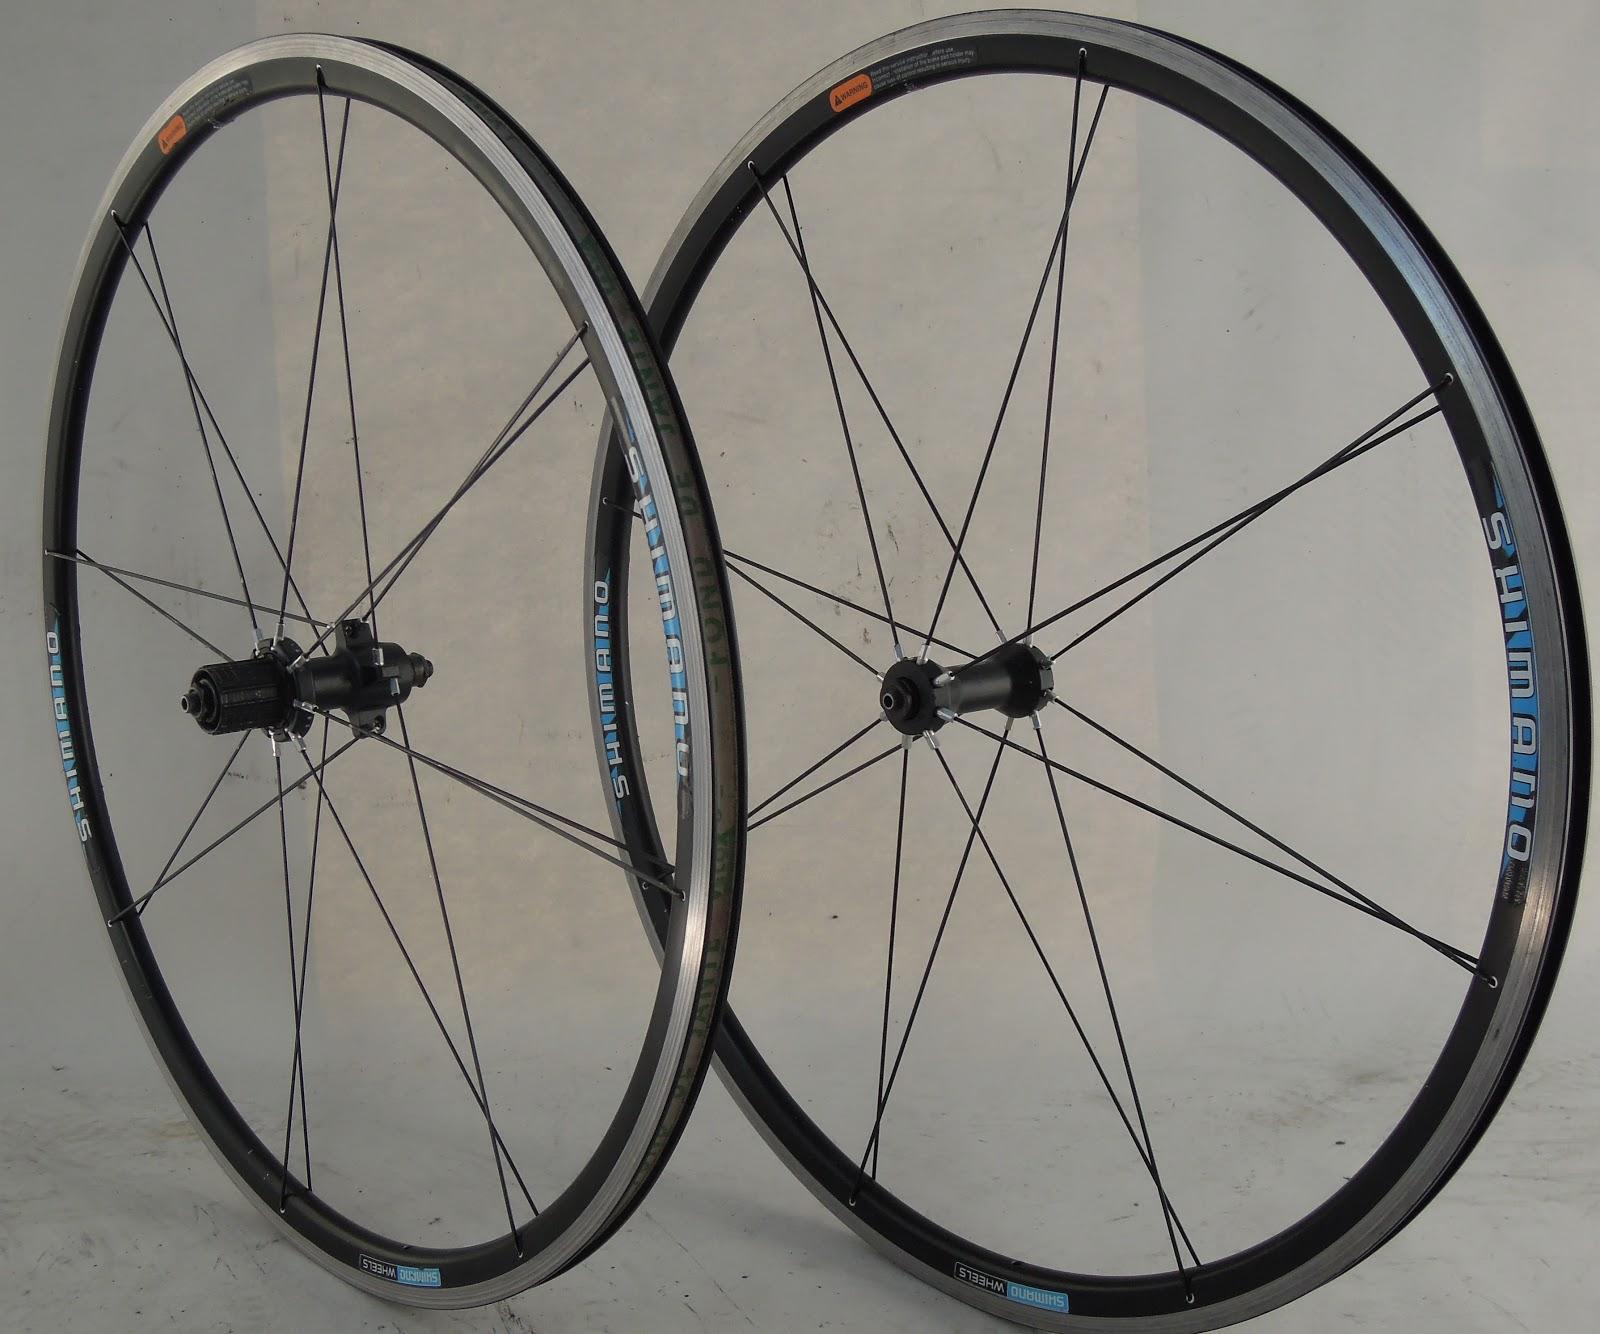 shimano 550 wheels Gallery